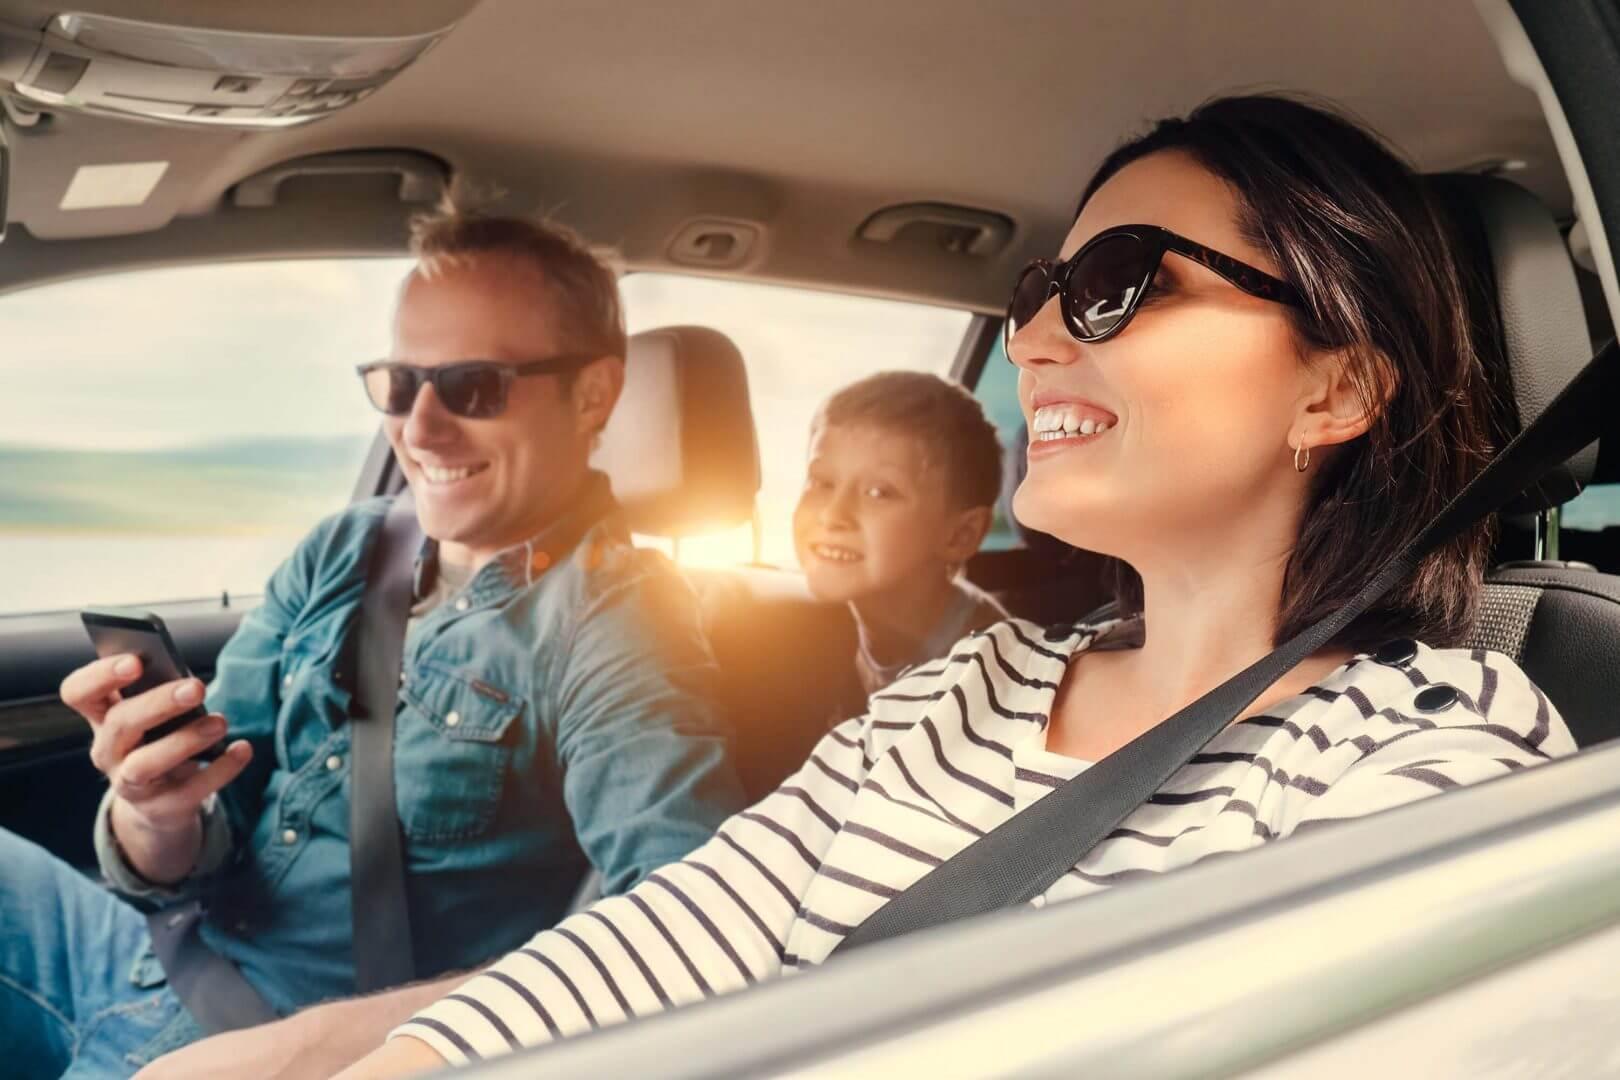 Ubezpieczenie samochodu na inną osobę niż właściciel